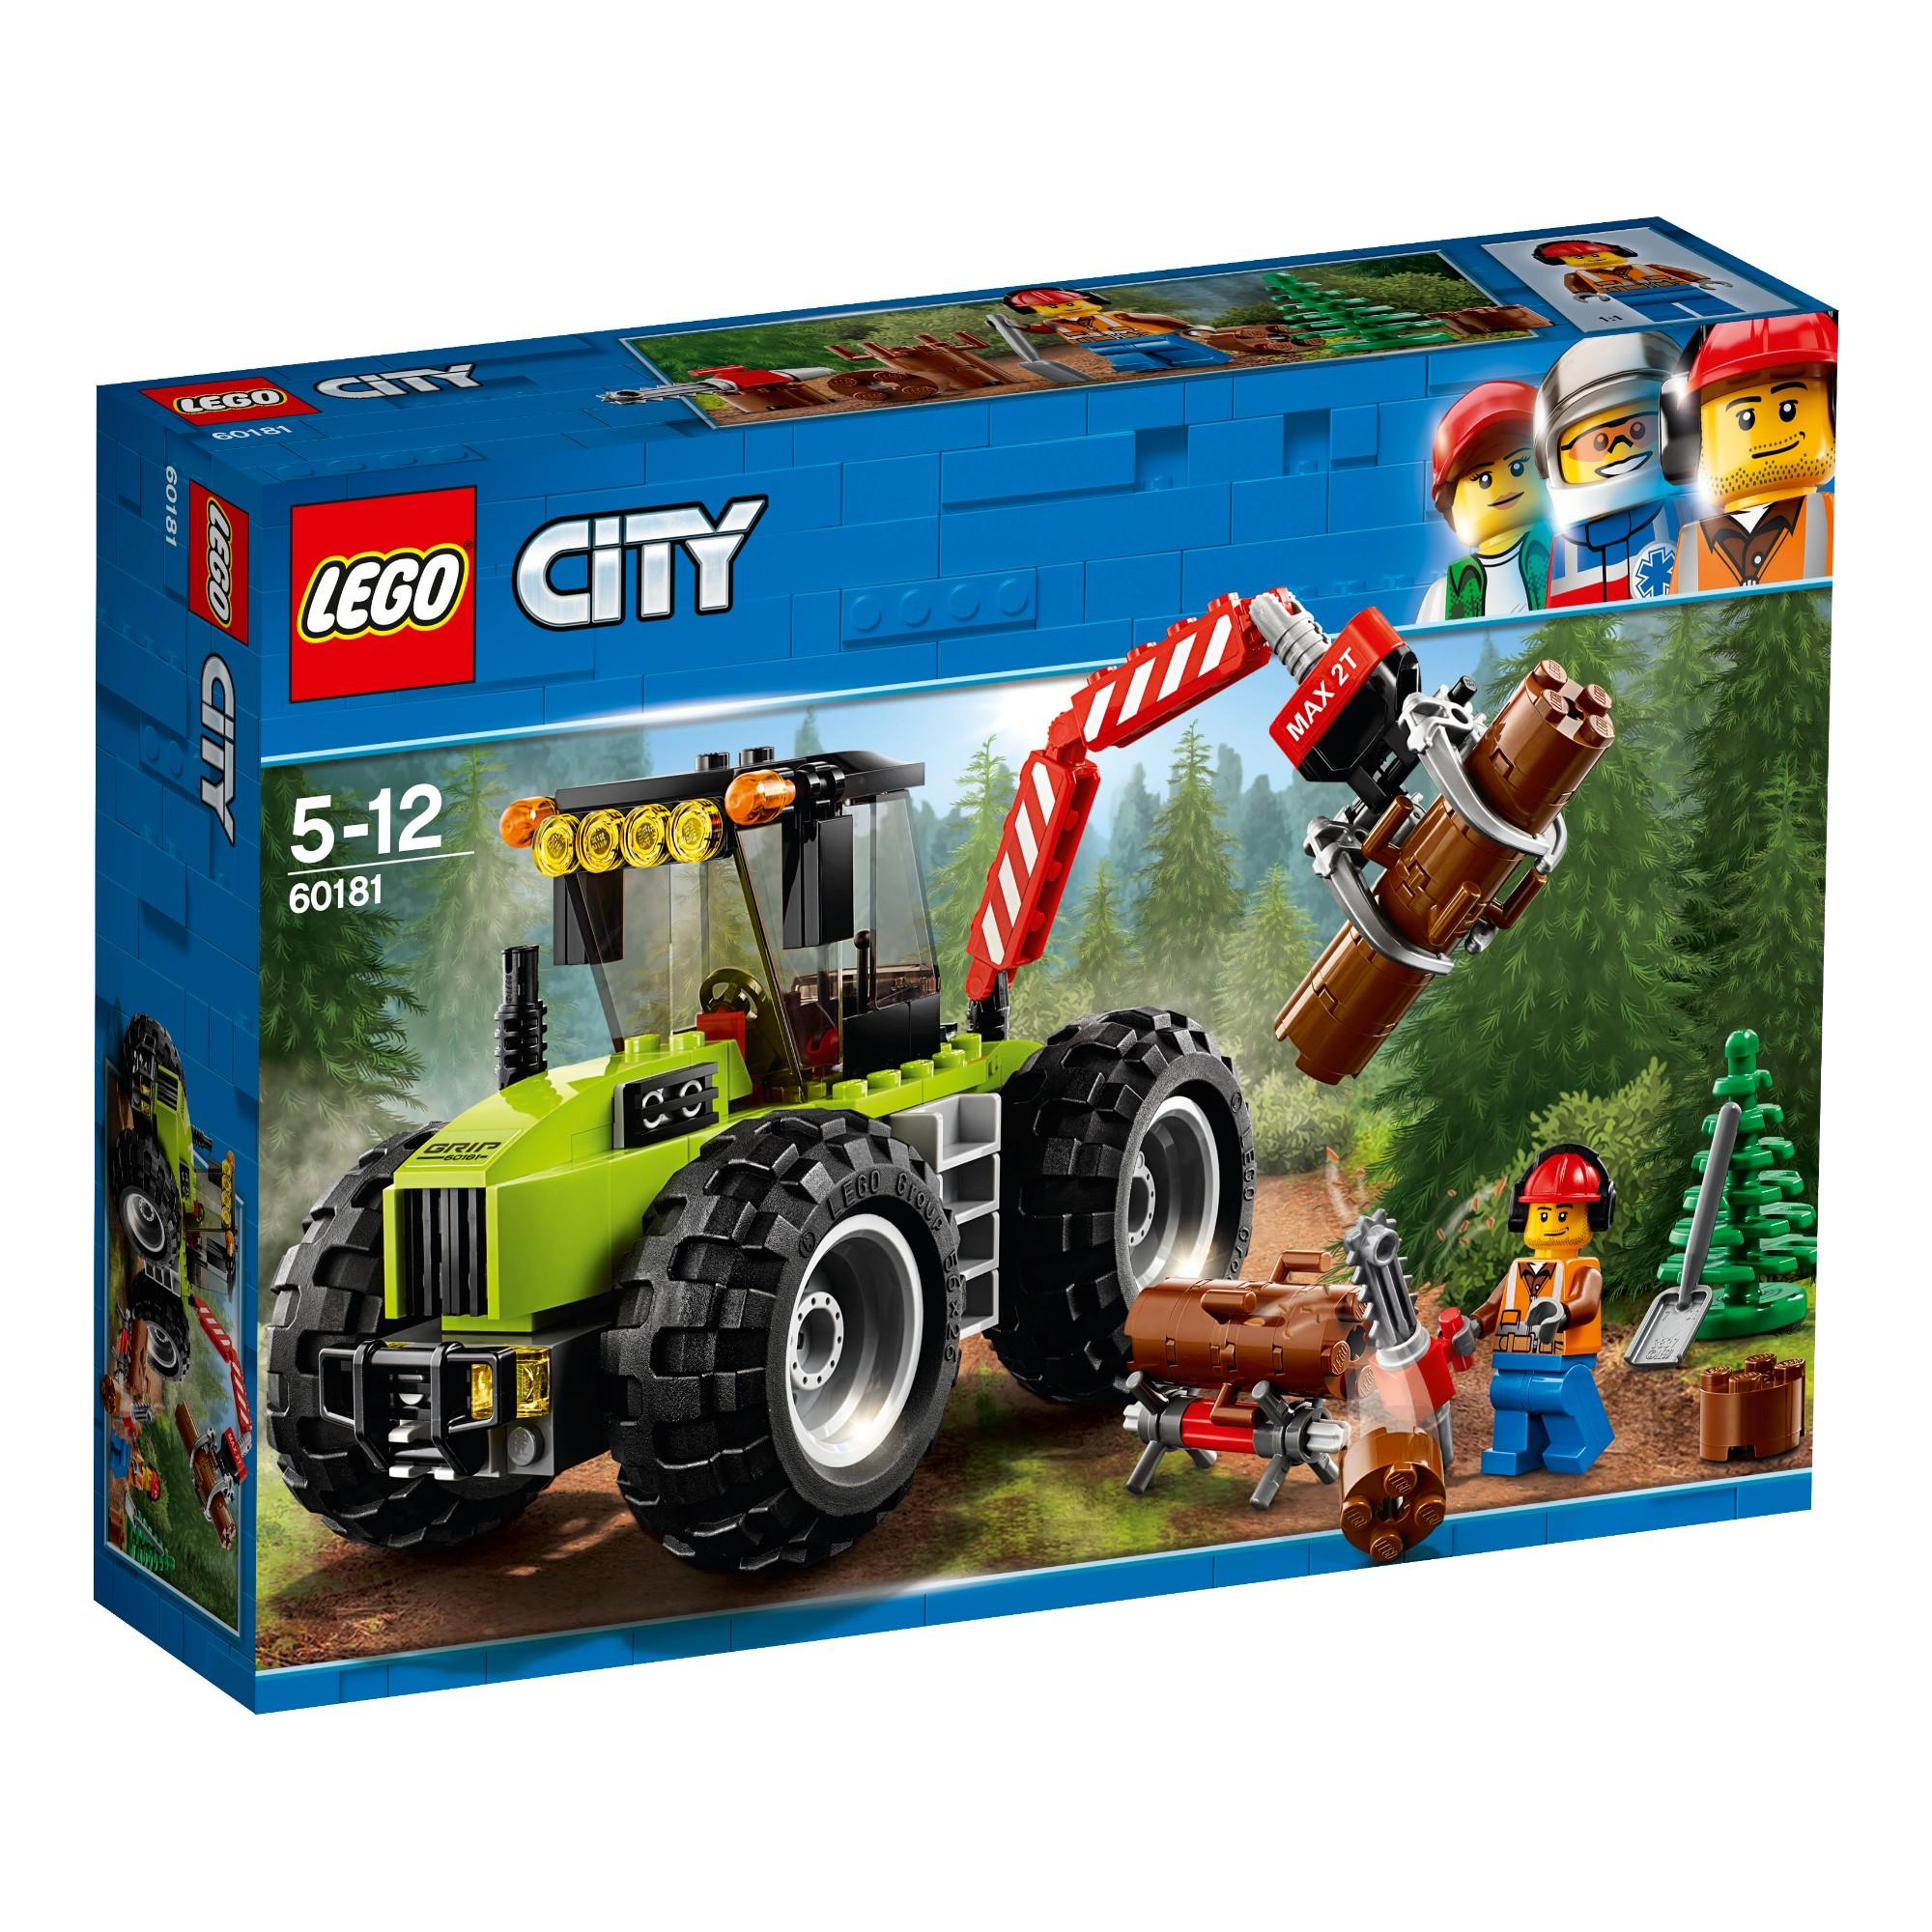 Konstruktorius LEGO CITY GREAT VEHICLES Miško traktorius 5-12 metų vaikams (60181)